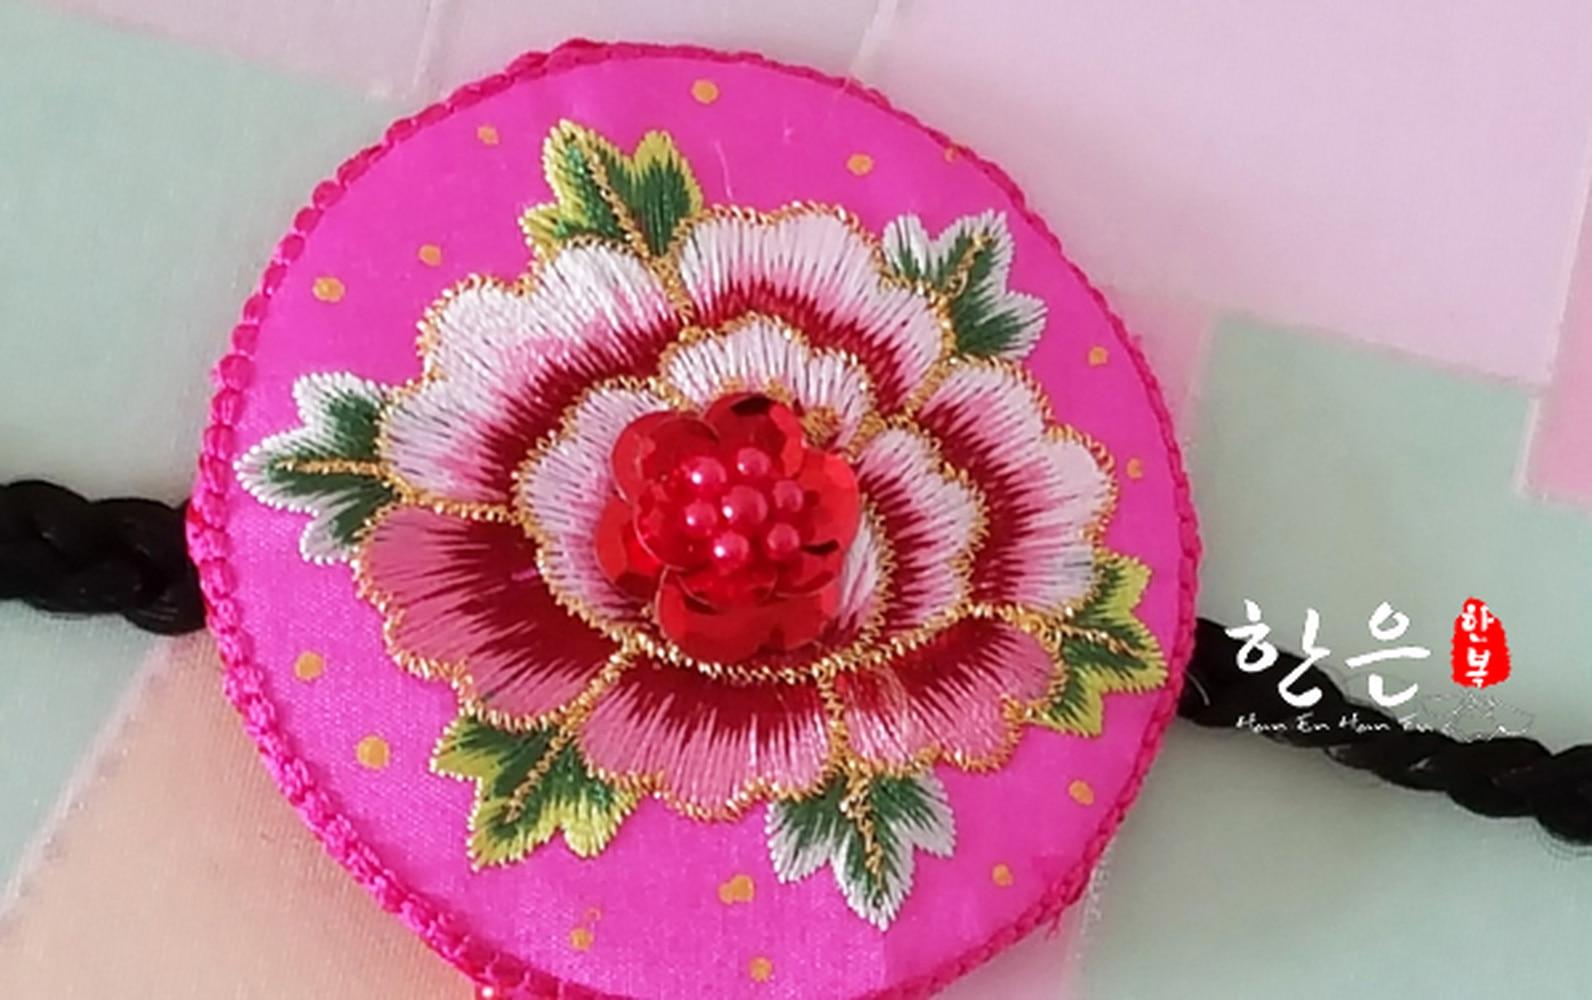 Koreaanse Import Koreaanse Kleding Haarband/Koreaanse Haaraccessoires/Nieuwe Haar Touw/Groothandel Prijs Meisjes Haar Accessoires - 5